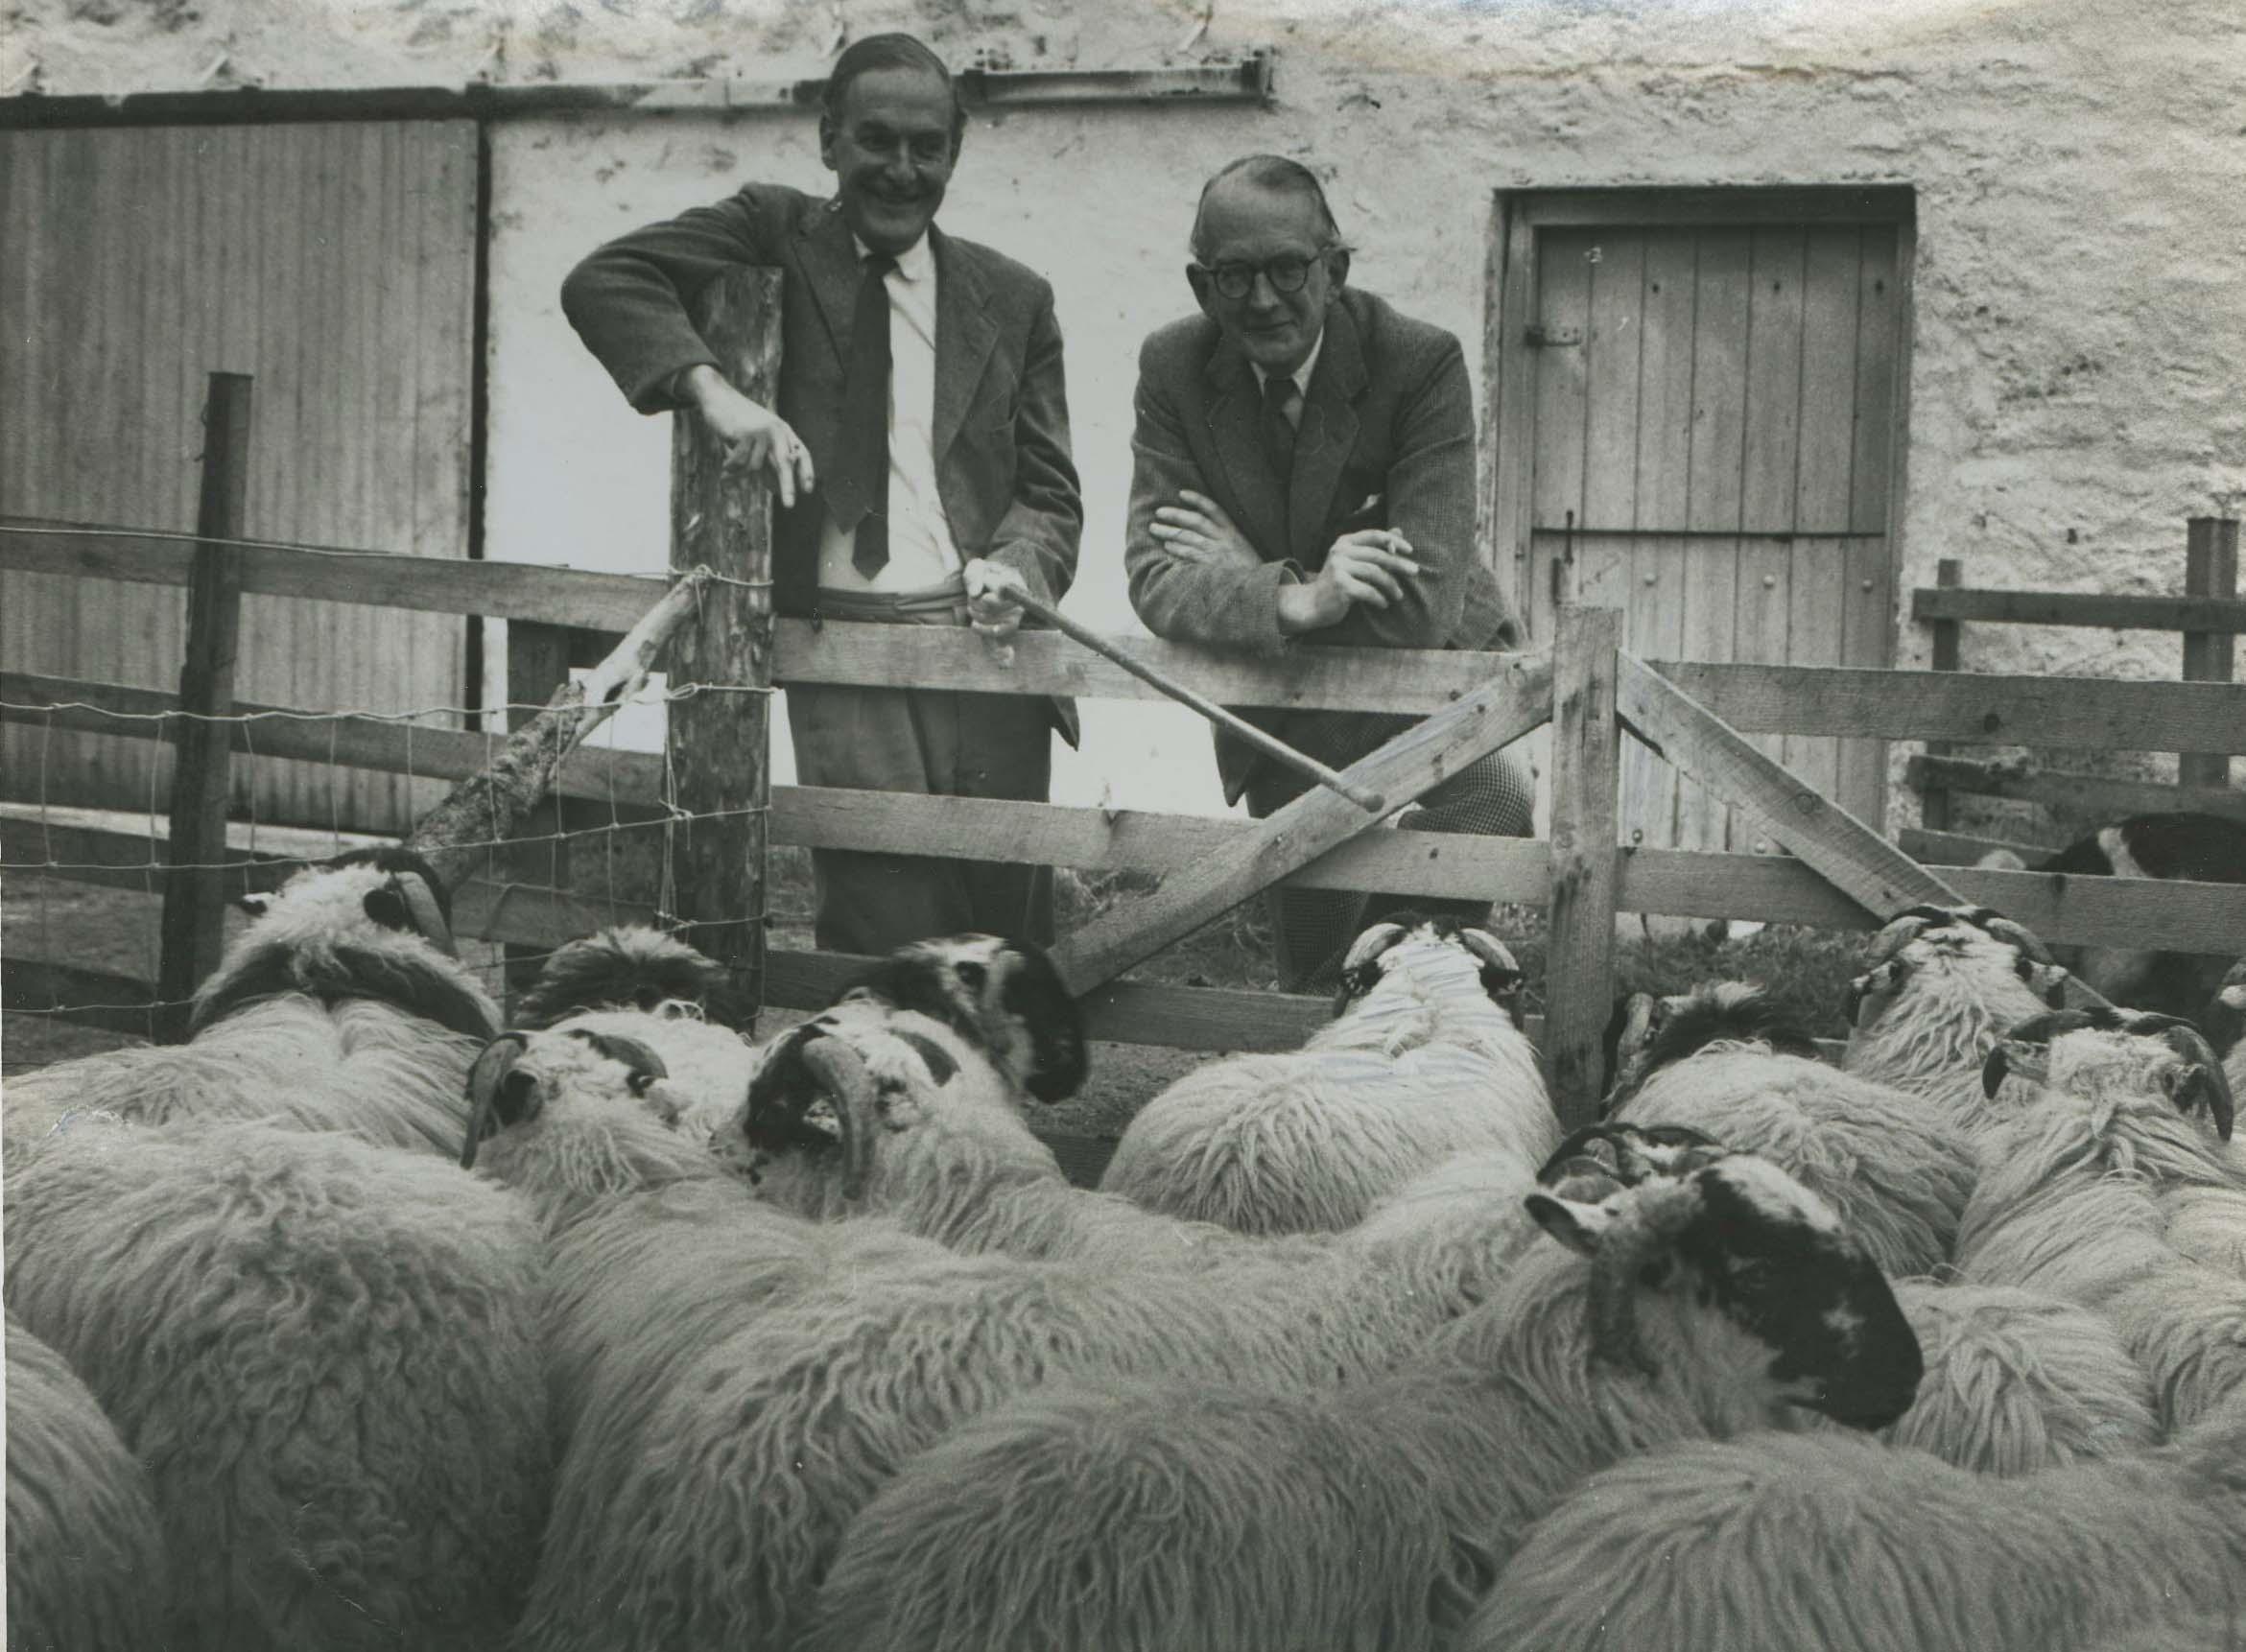 Clachan Farm